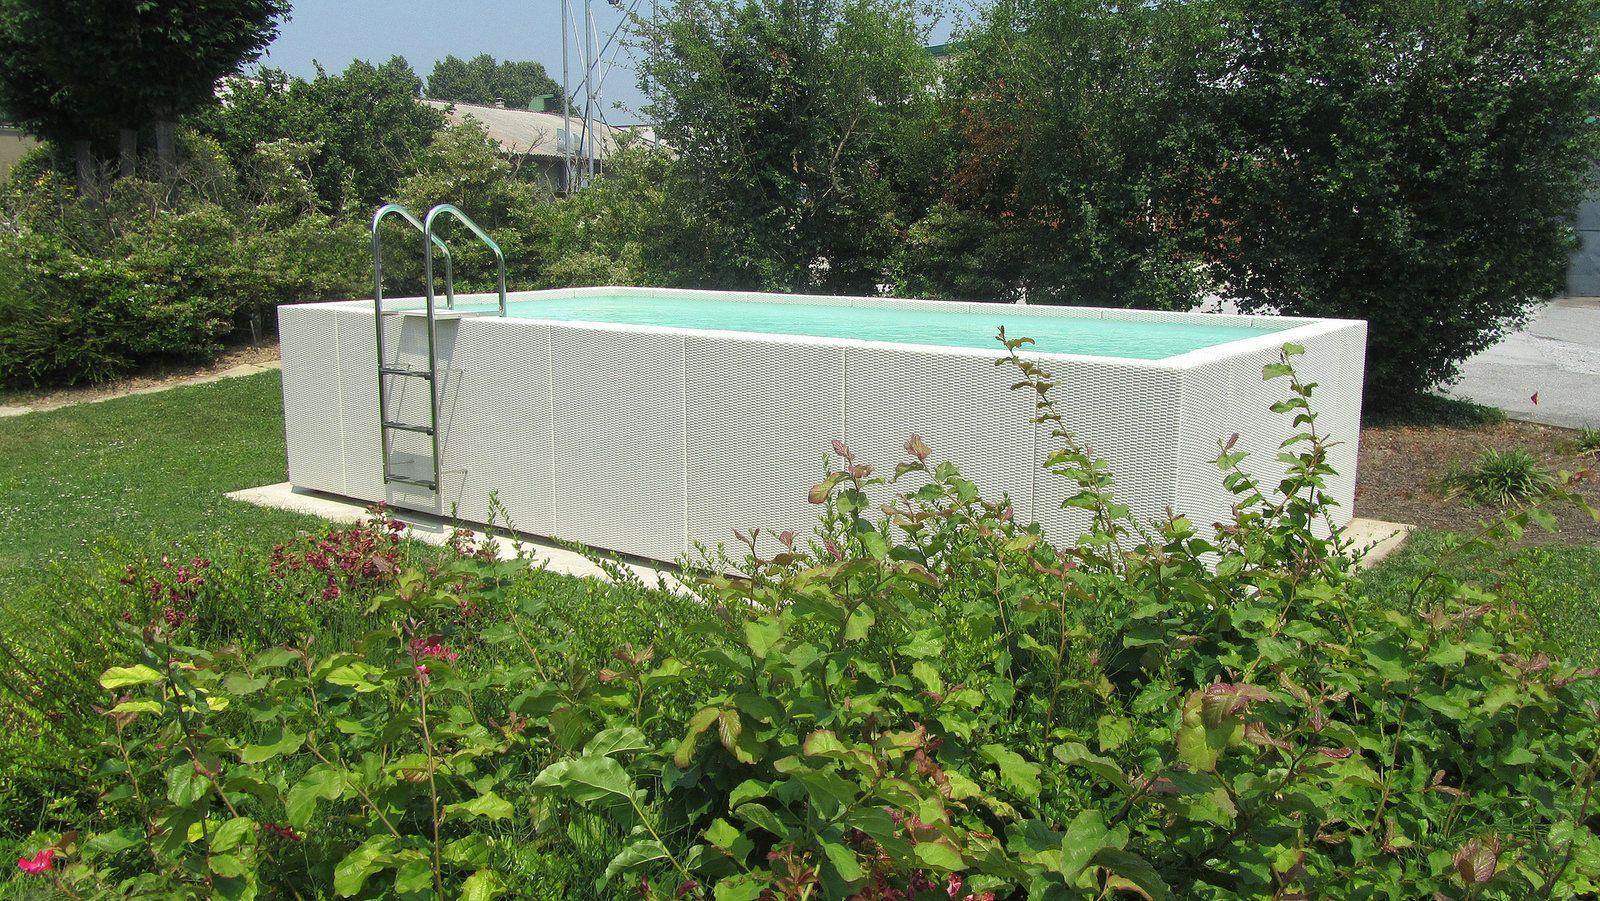 Piscine Dolcevita   Swimming Pools, Outdoor Decor, Backyard dedans Piscine Oogarden